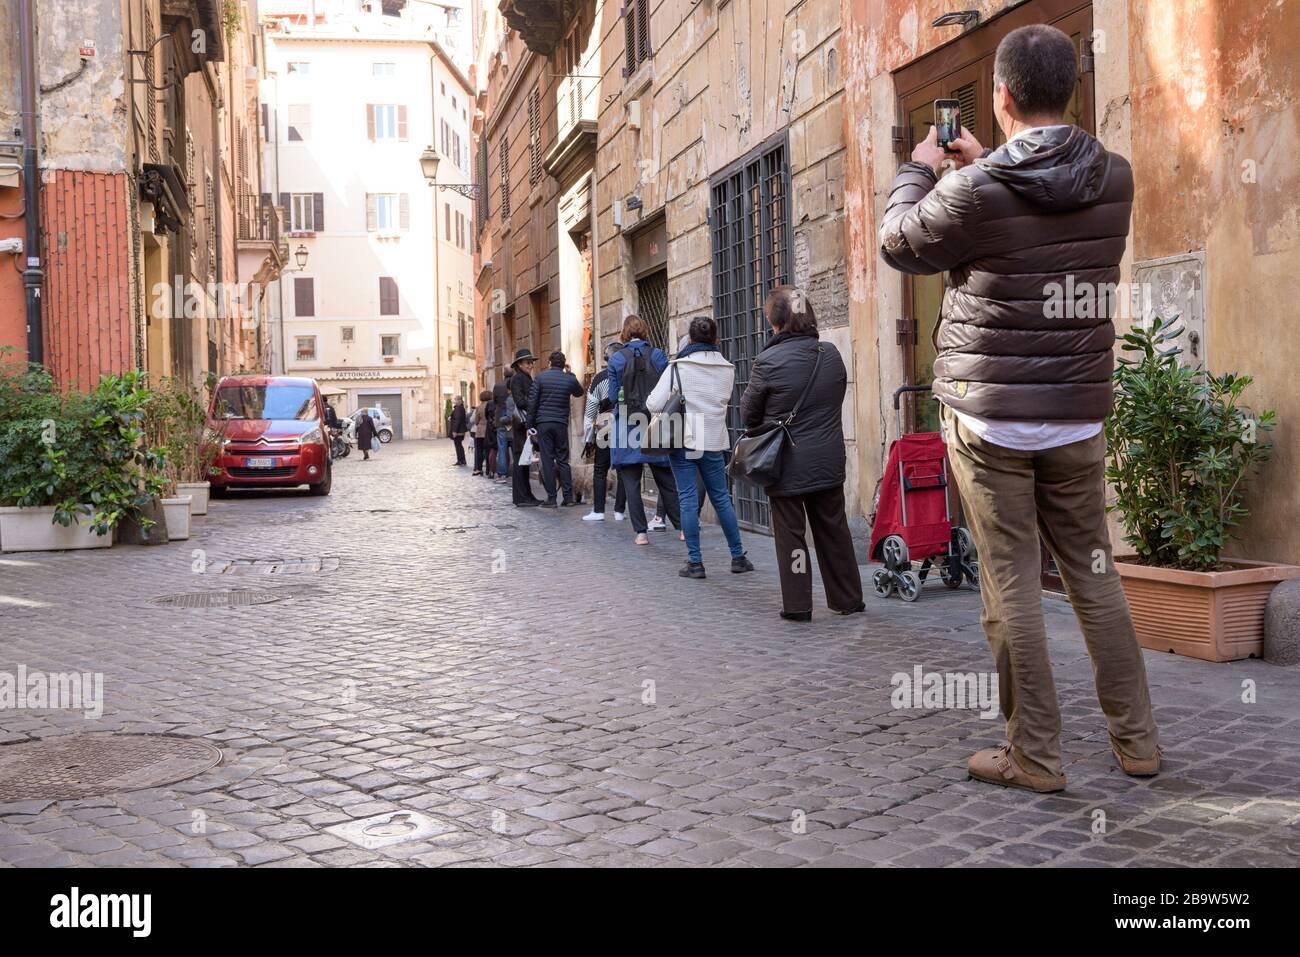 ROME, ITALIE - 12 mars 2020: Les clients se trouvent en dehors d'un supermarché local dans le centre de Rome, Italie. Seulement quelques personnes peuvent entrer à la fois, et shal Banque D'Images